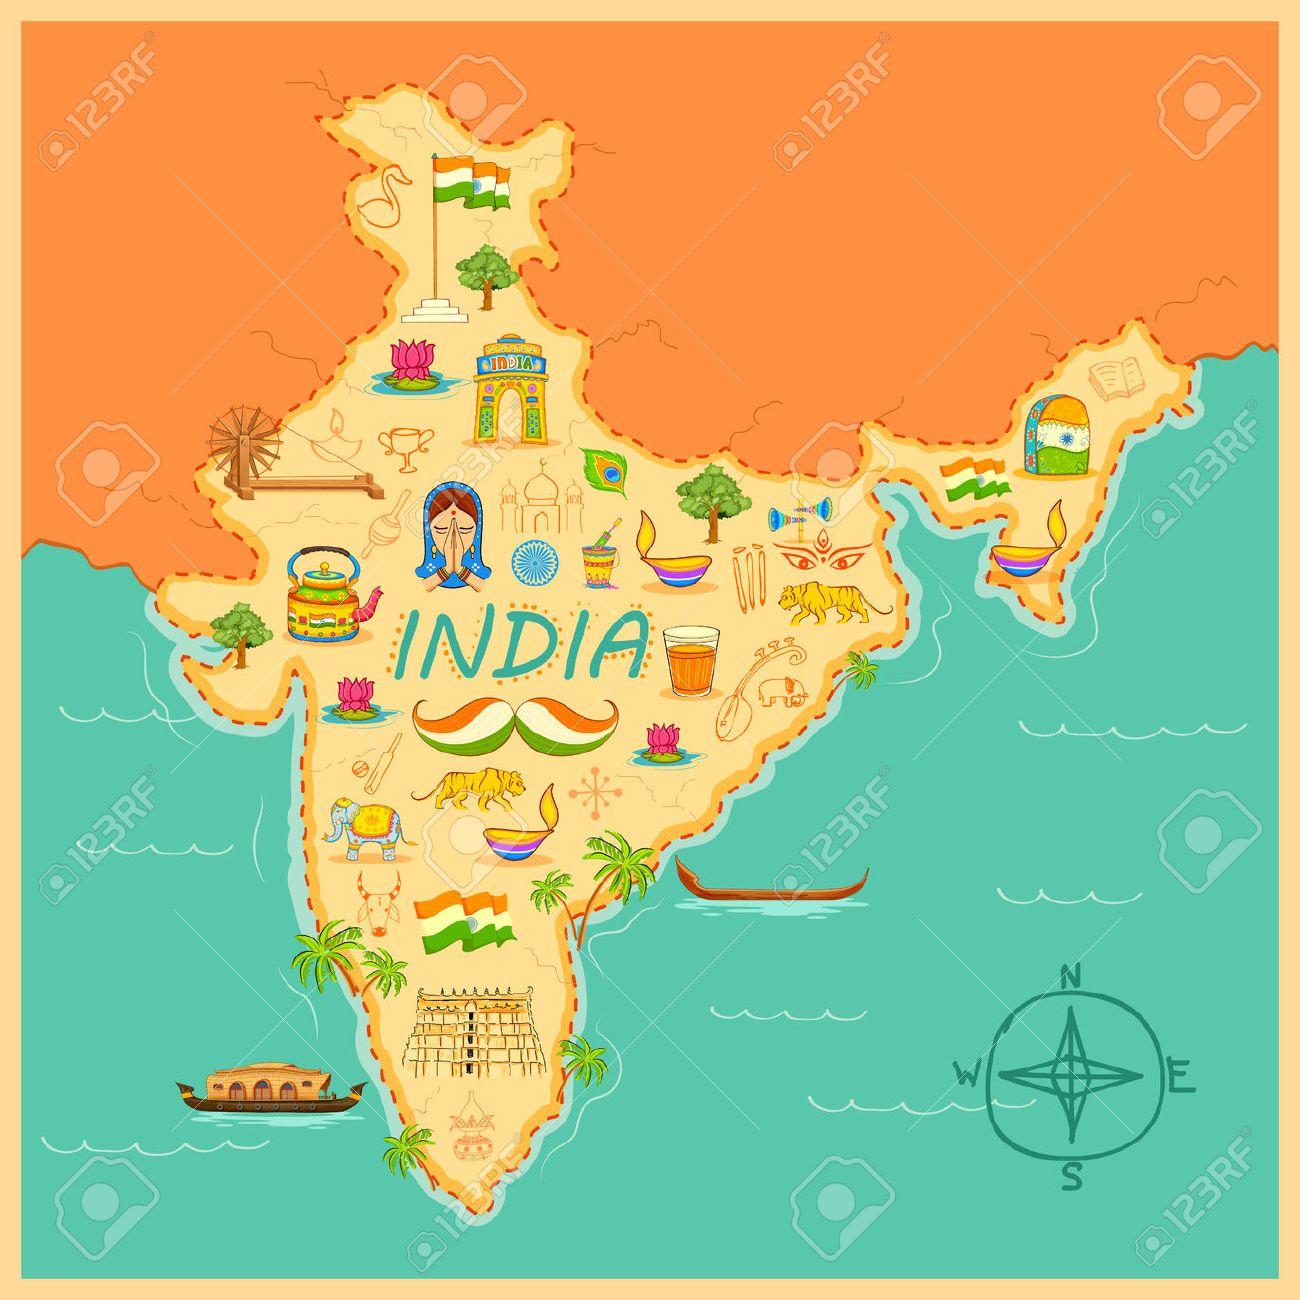 Ilustración De Arte Kitsch De Formar Un Mapa De La India Fotos ...